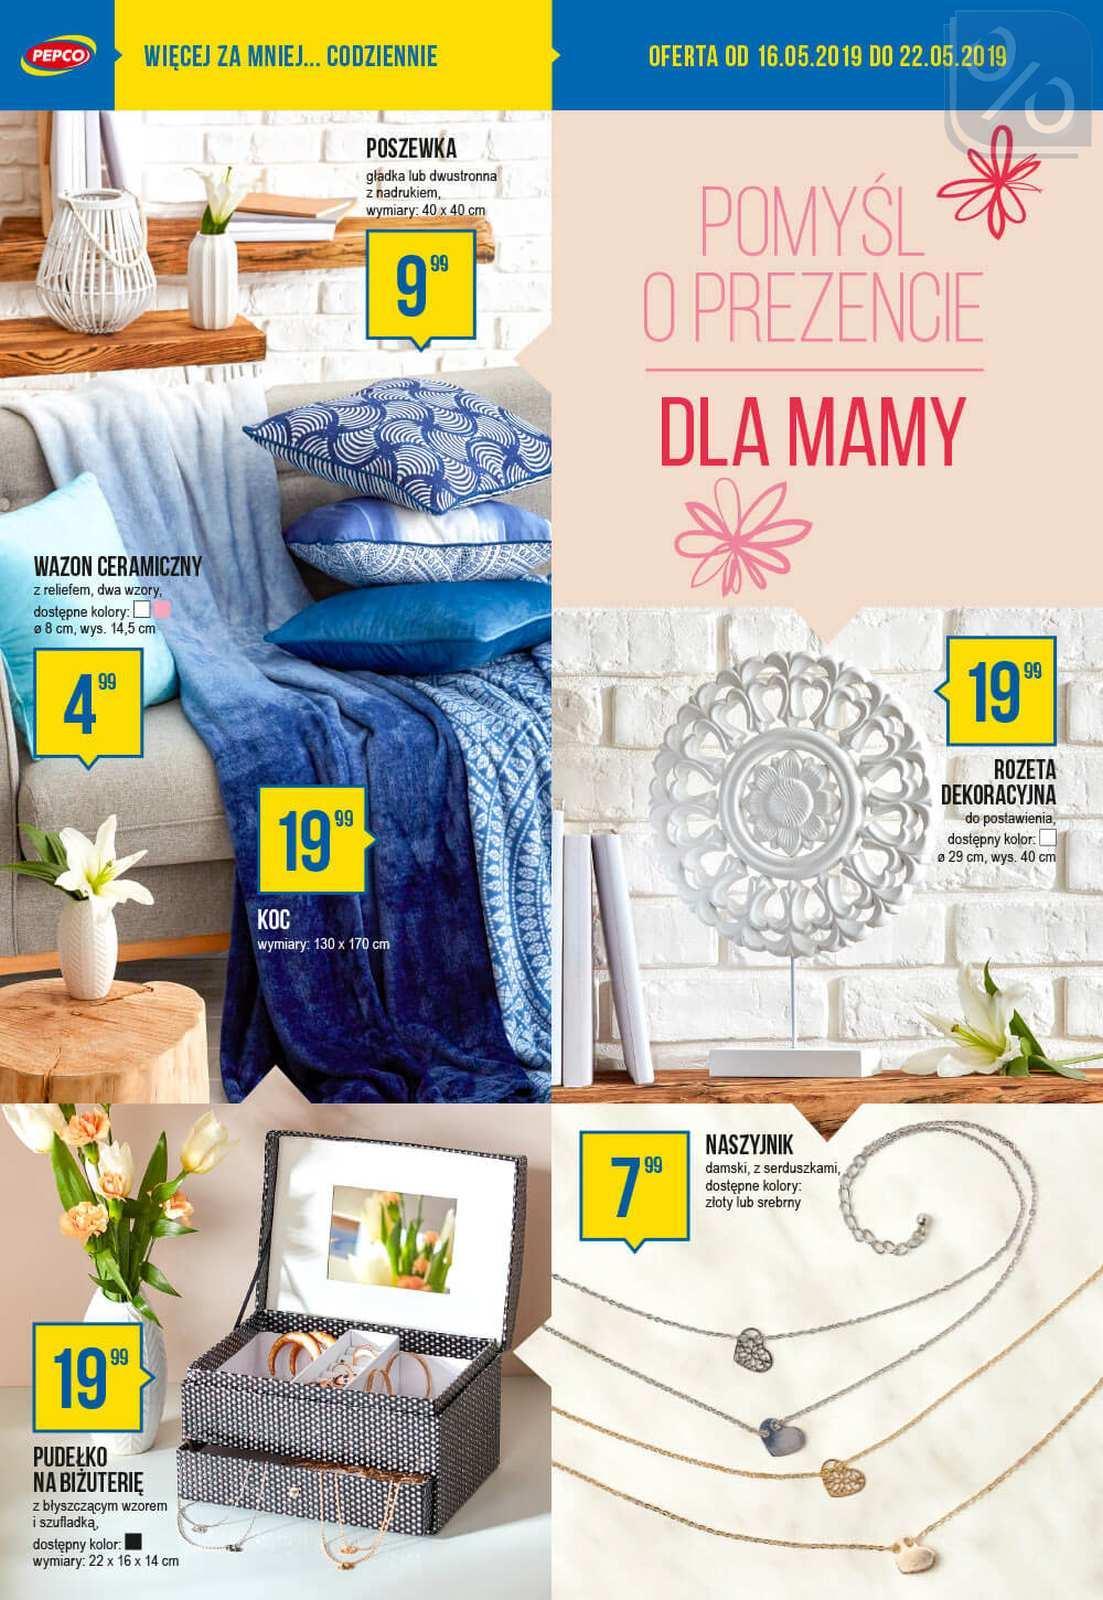 Gazetka promocyjna Pepco do 22/05/2019 str.2